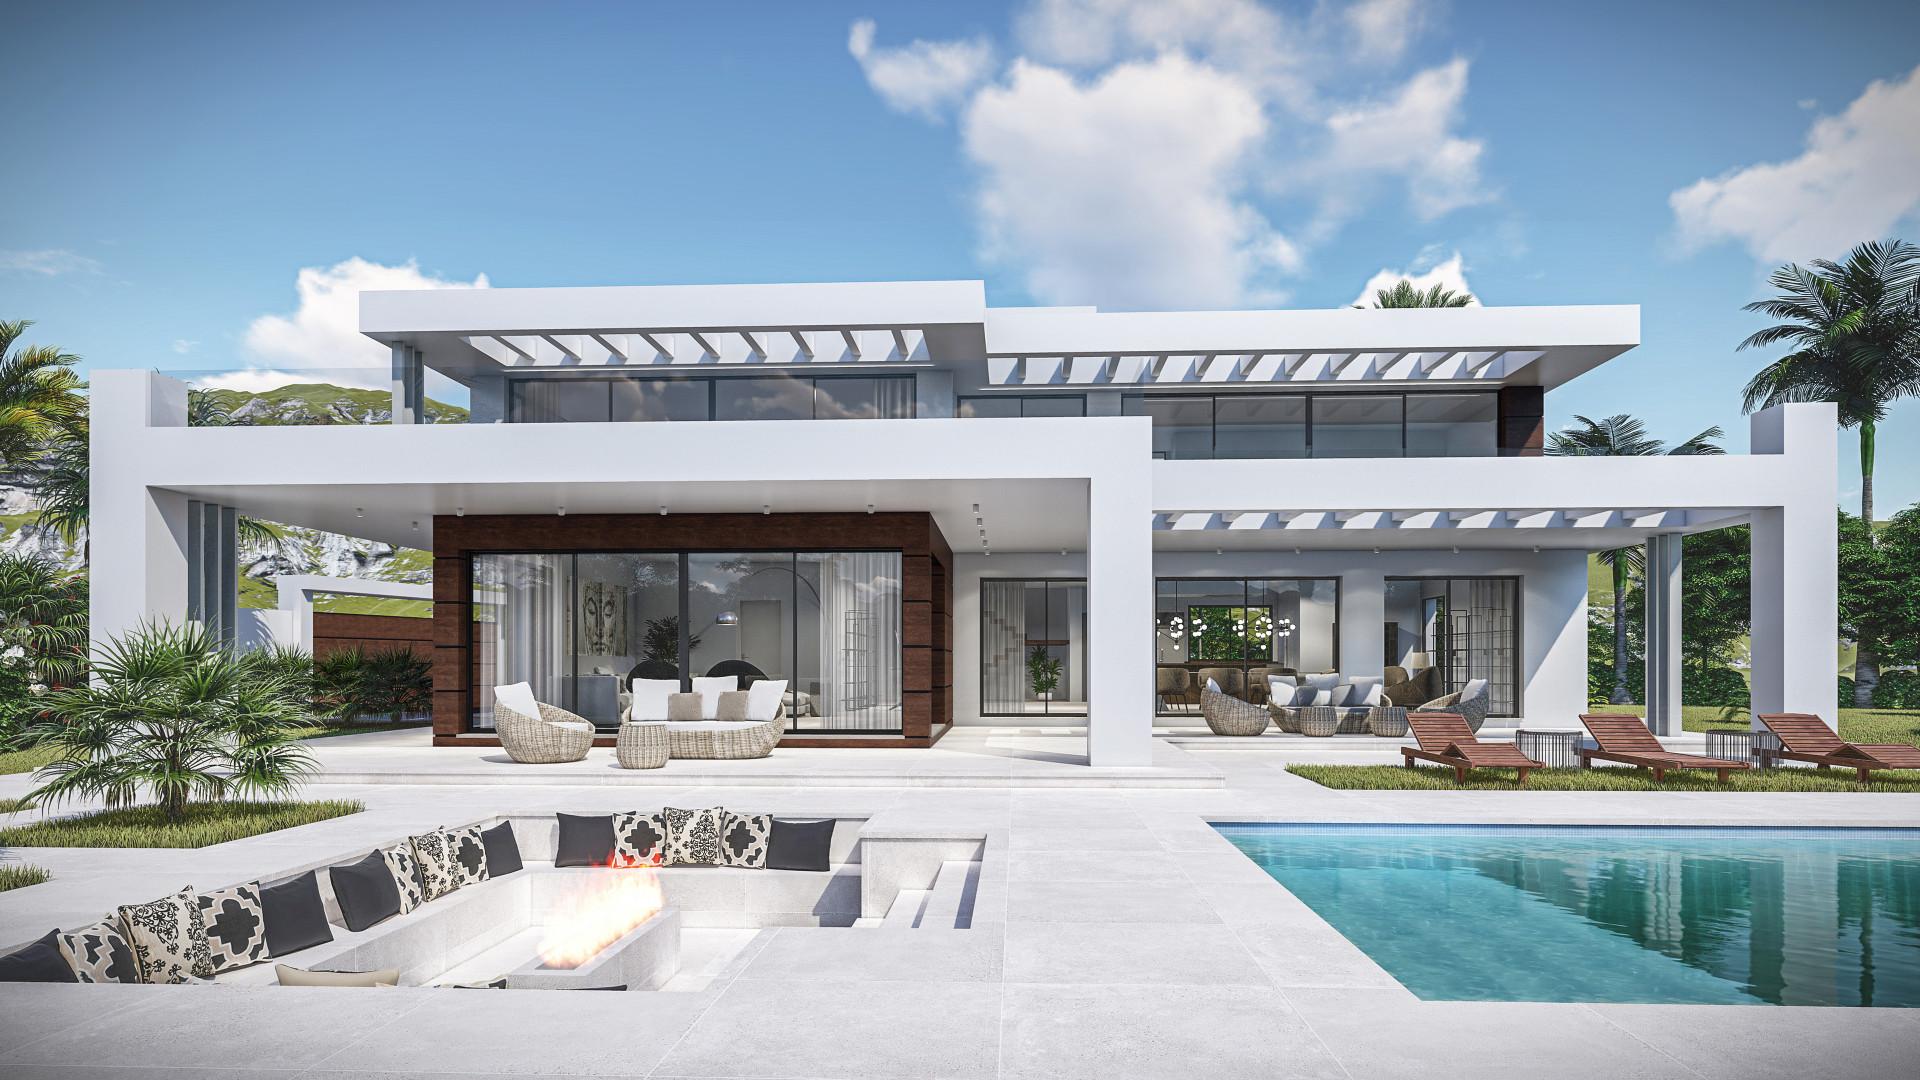 ARFV2138 - Luxus Villenprojekt zur Komplettrenovierung in Hacienda Las Chapas in Marbella